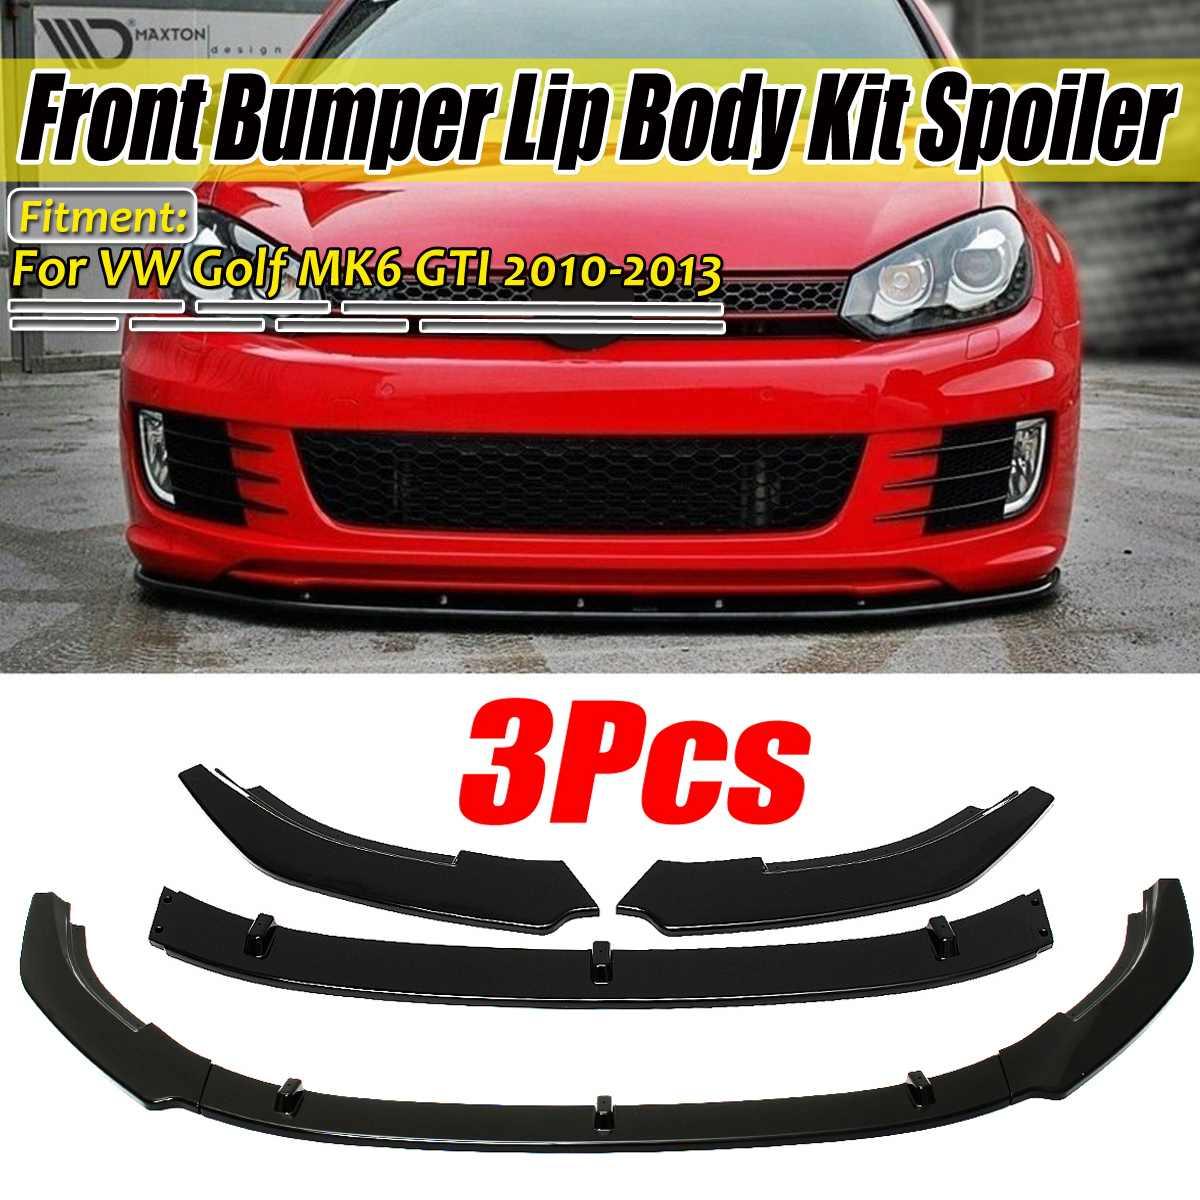 Olhar de fibra carbono/preto amortecedor dianteiro do carro splitter lábio difusor corpo kit spoiler guarda para vw para golf mk6 gti 2010 2012 2013